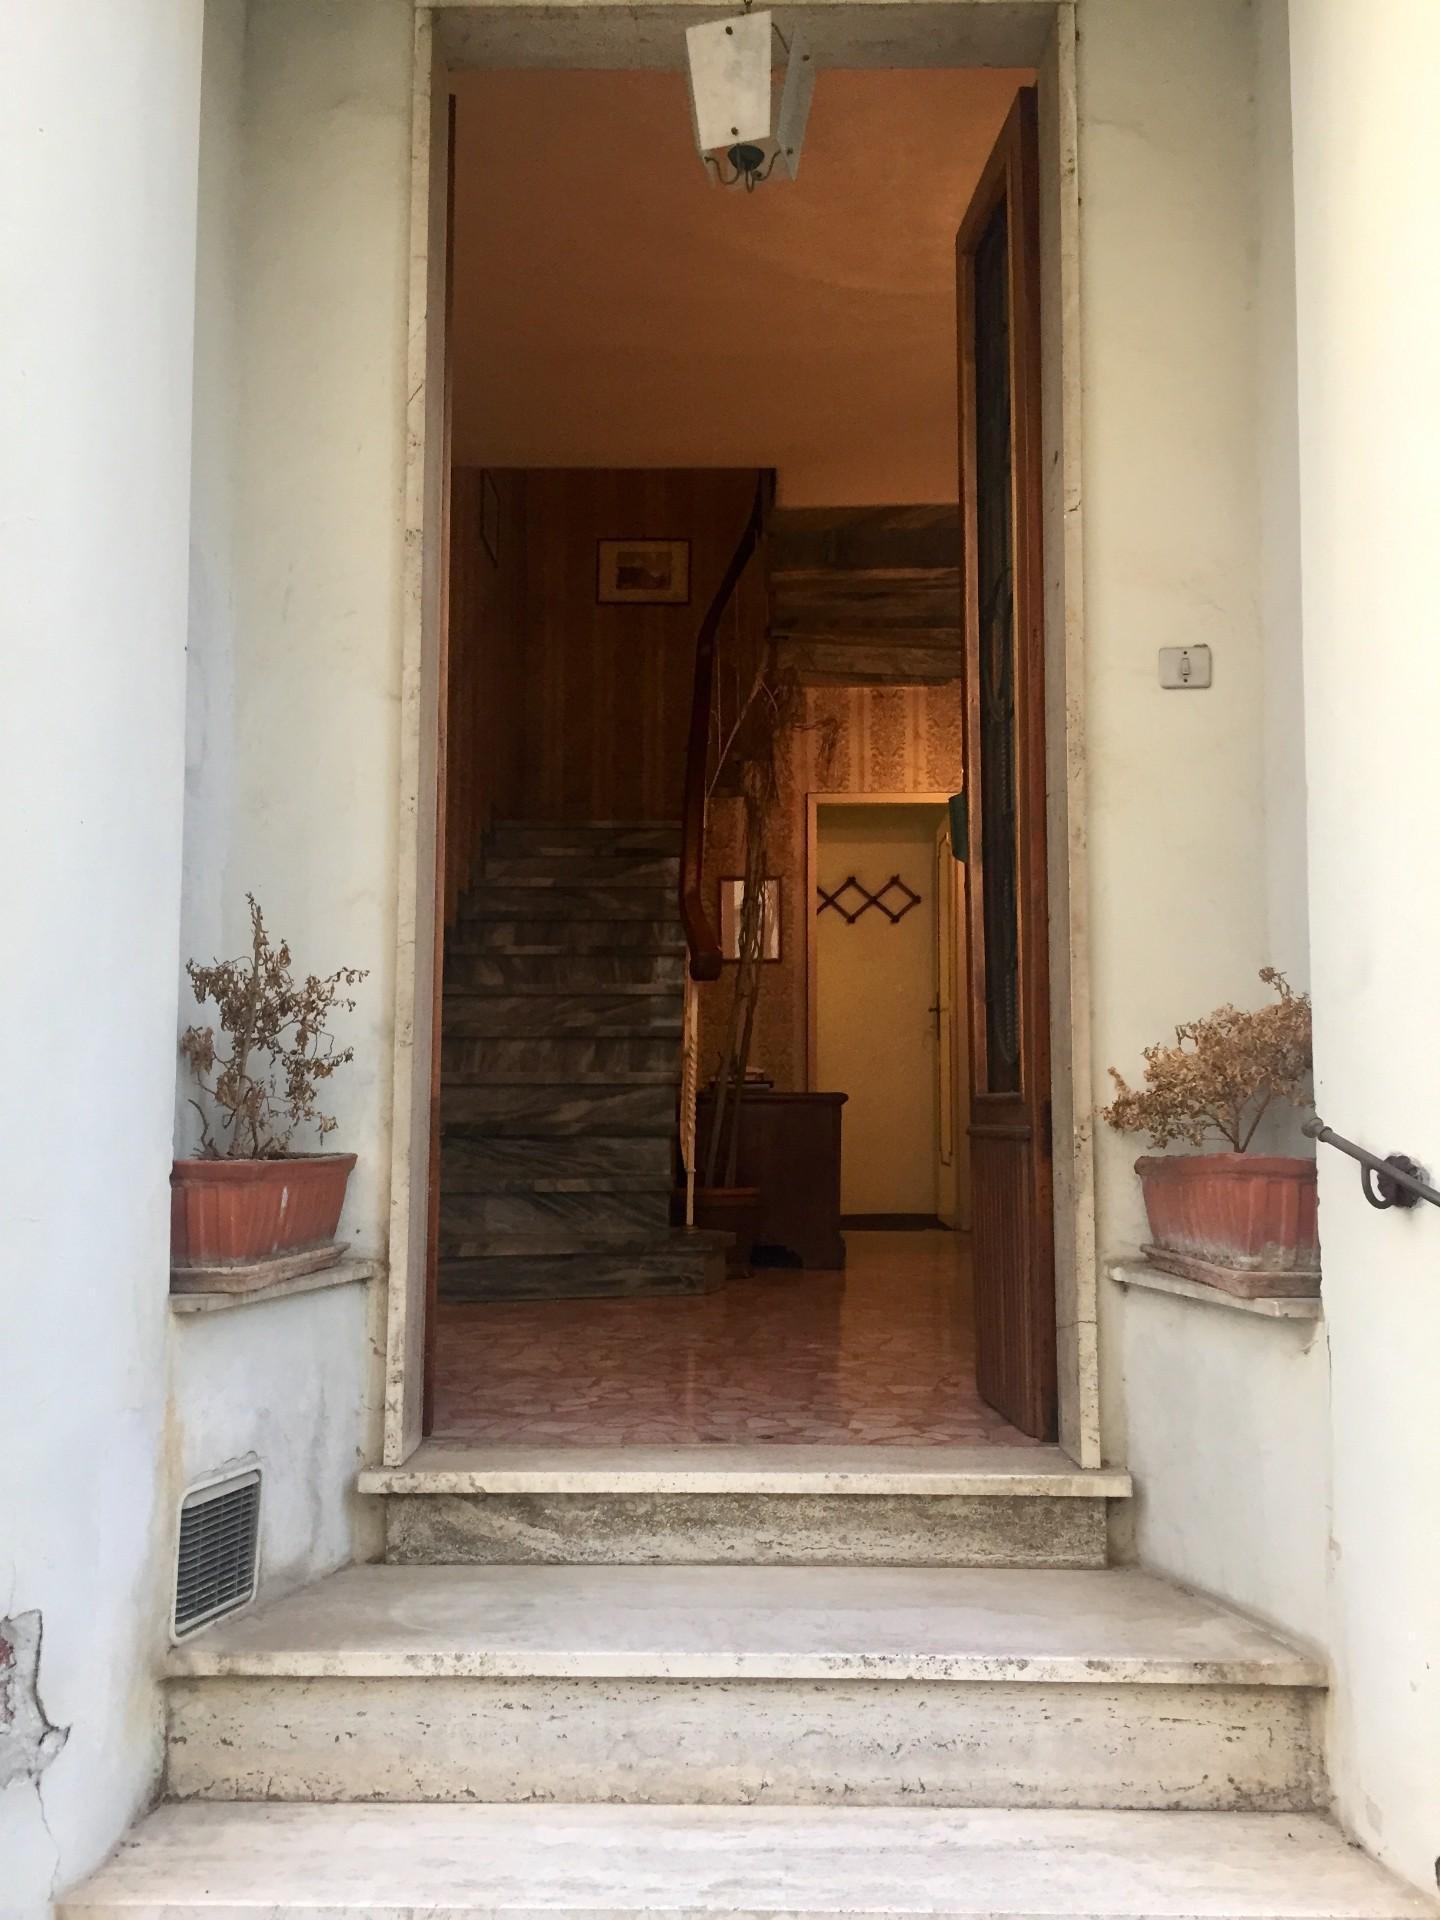 Villetta bifamiliare in vendita a San Marco, Lucca